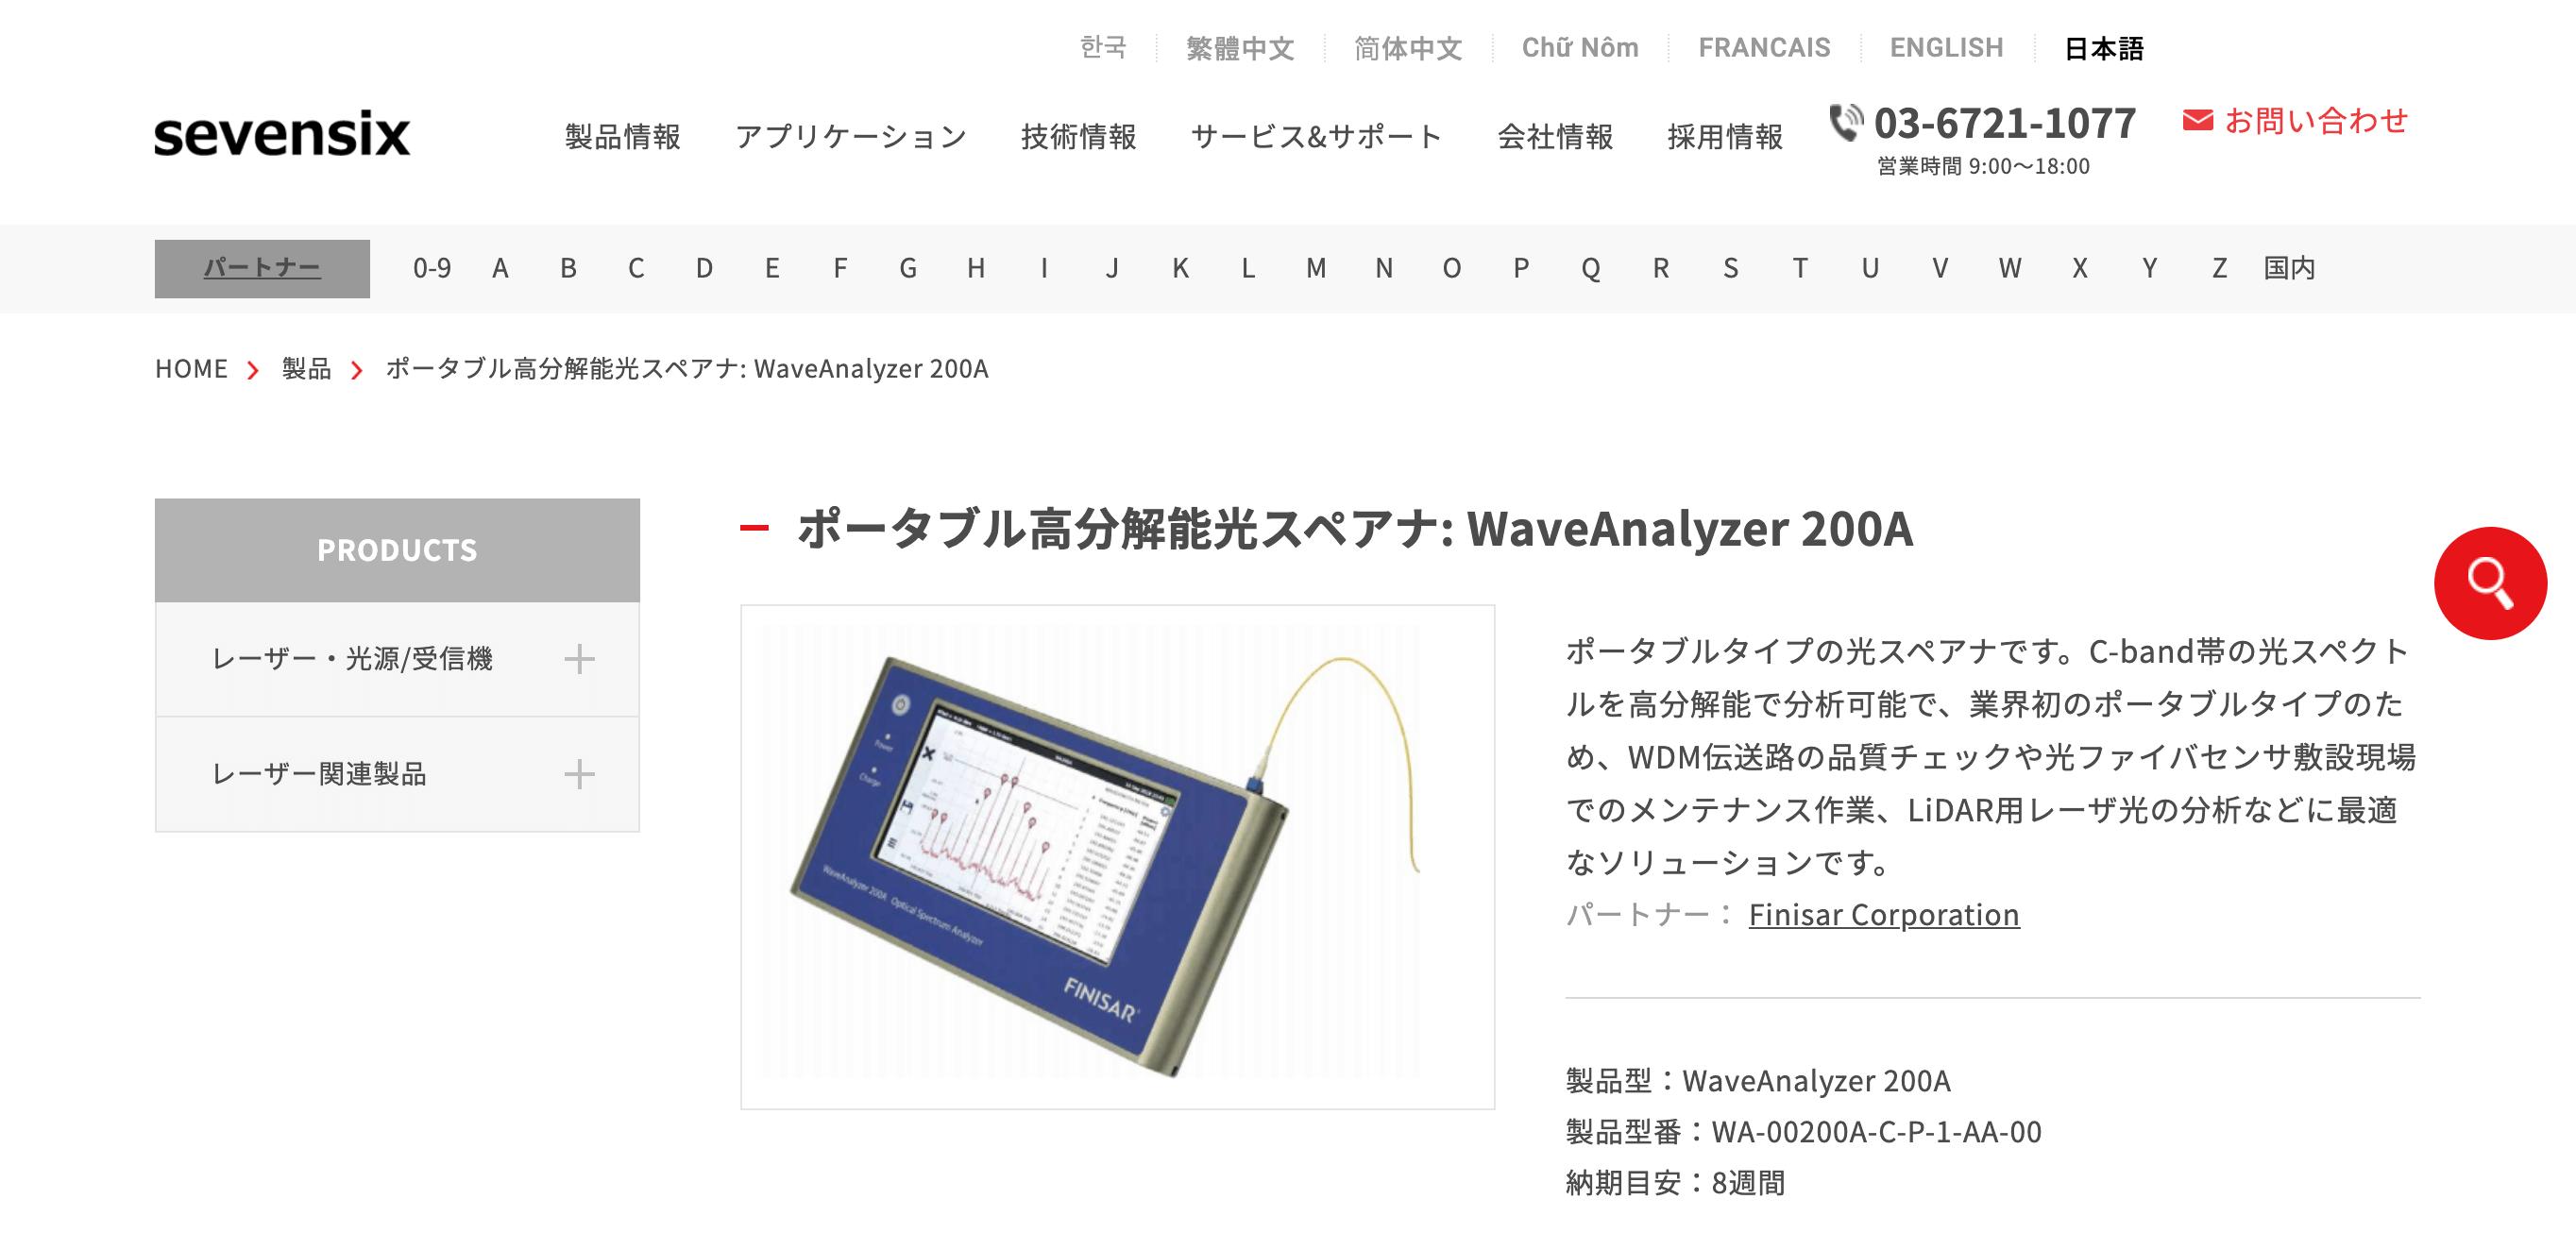 ポータブル高分解能光スペアナ: WaveAnalyzer 200A